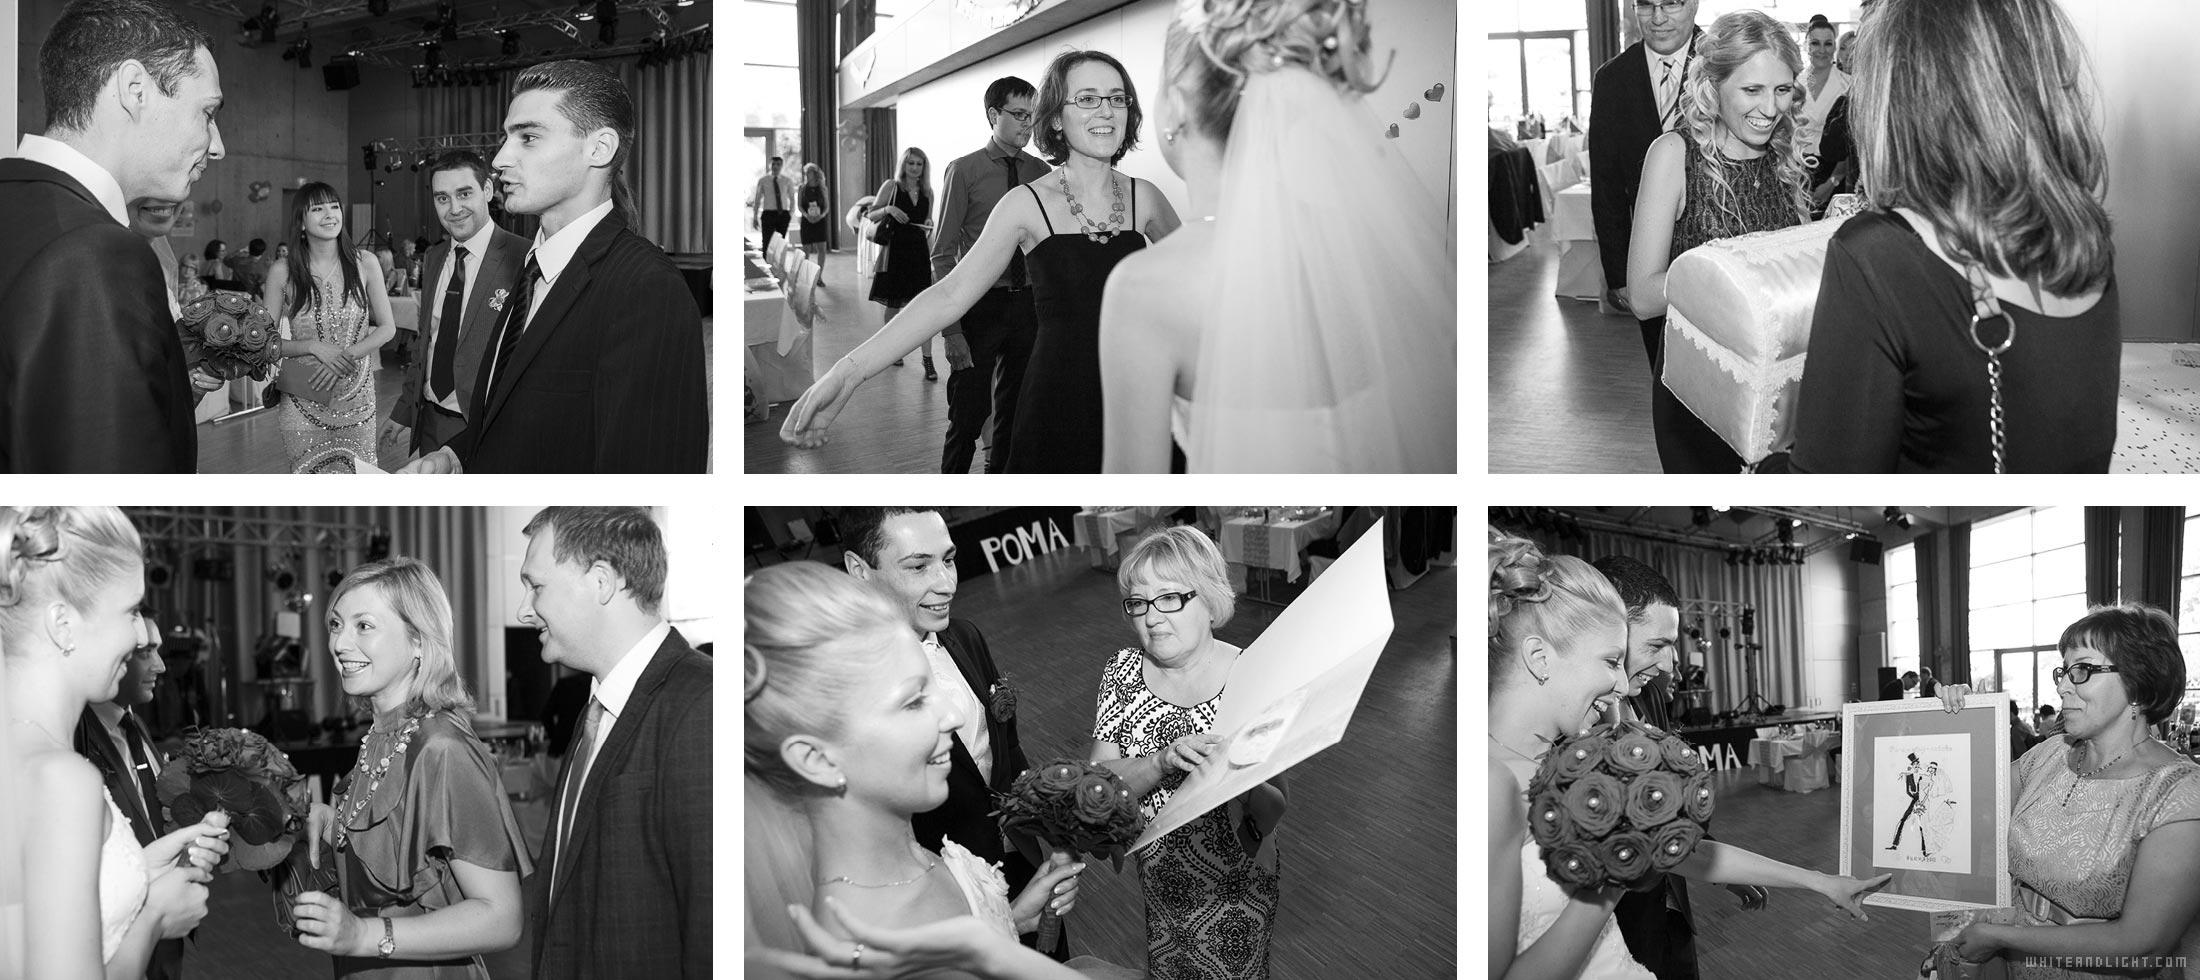 Wedding photographer Blog - weddingfood